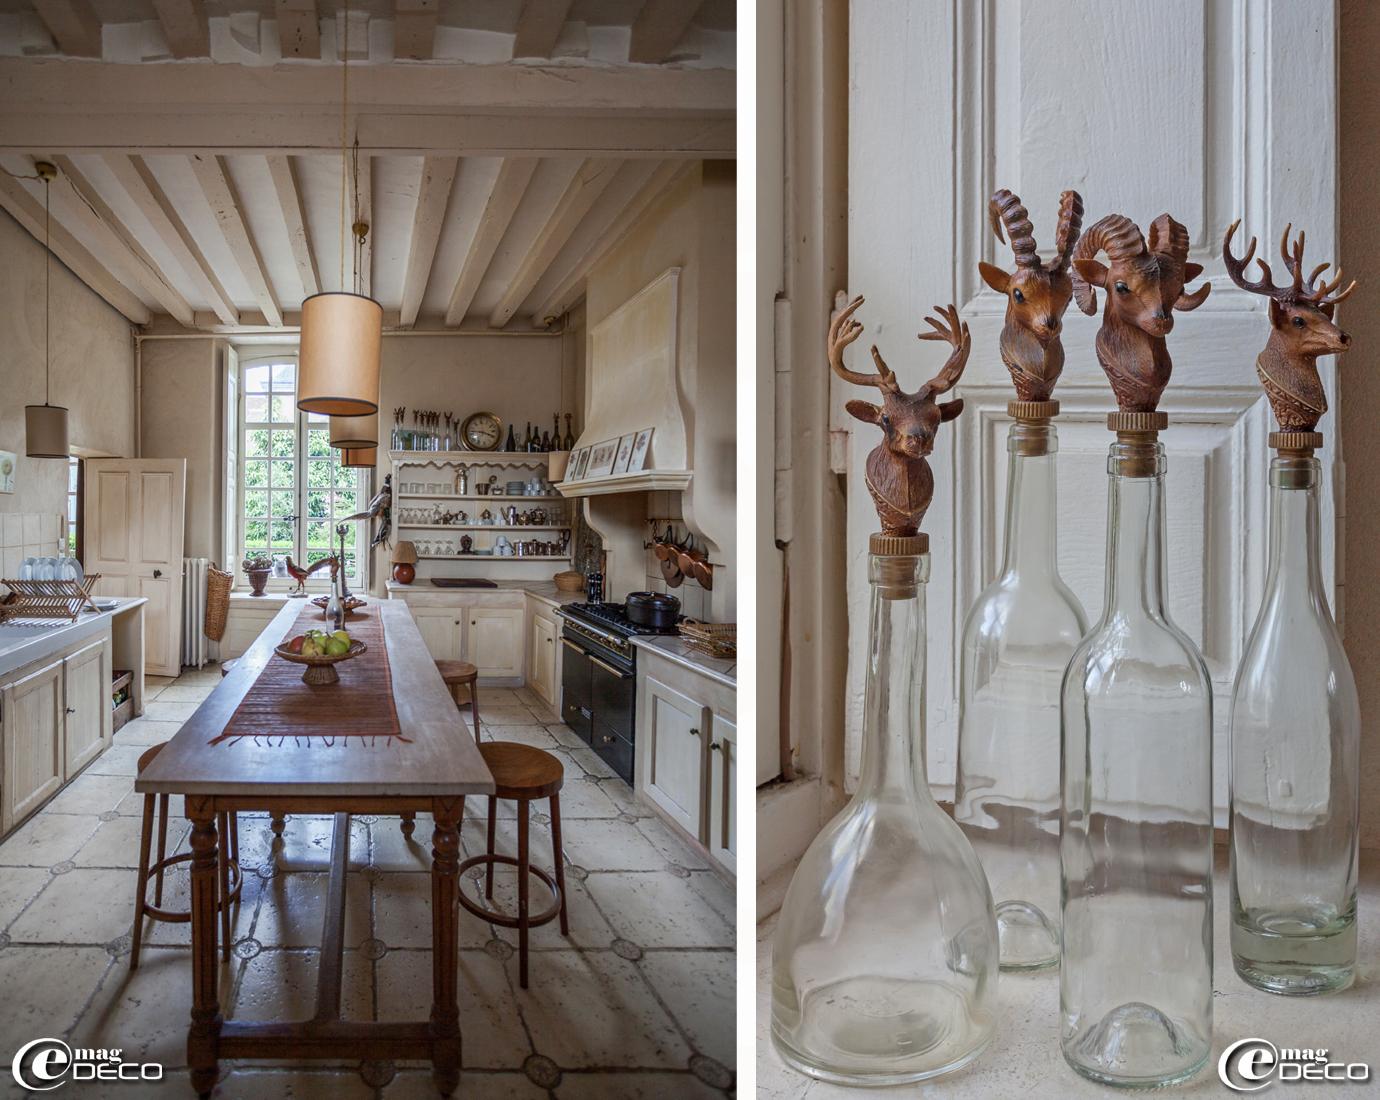 Collection de bouteilles en verre avec bouchon avec têtes de cervidés chinées dans les vides-greniers